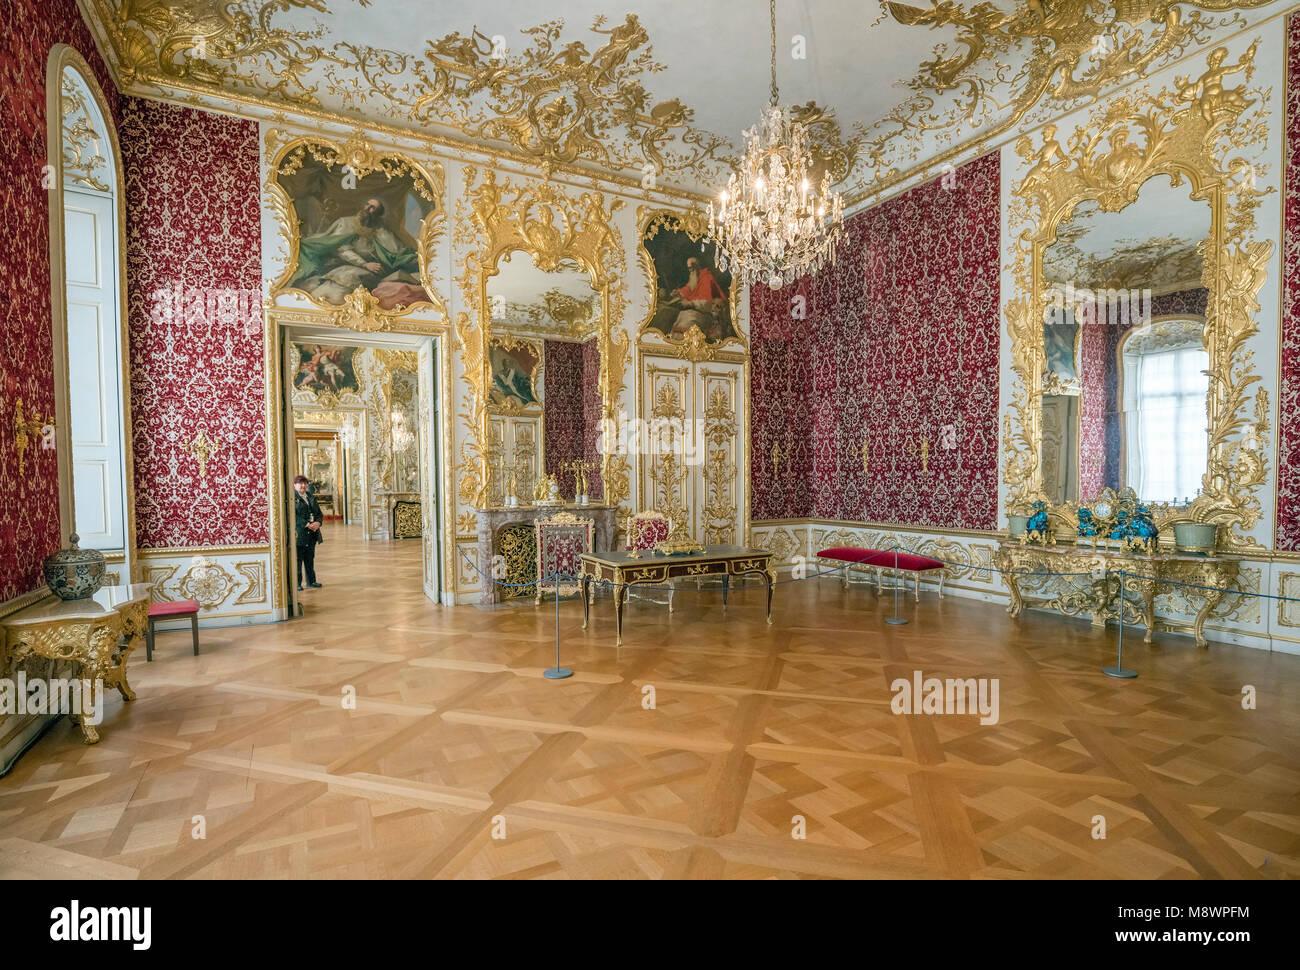 Der Münchner Residenz diente als Sitz der Regierung und der Residenz der bayerischen Herzöge, Kurfürsten Stockbild